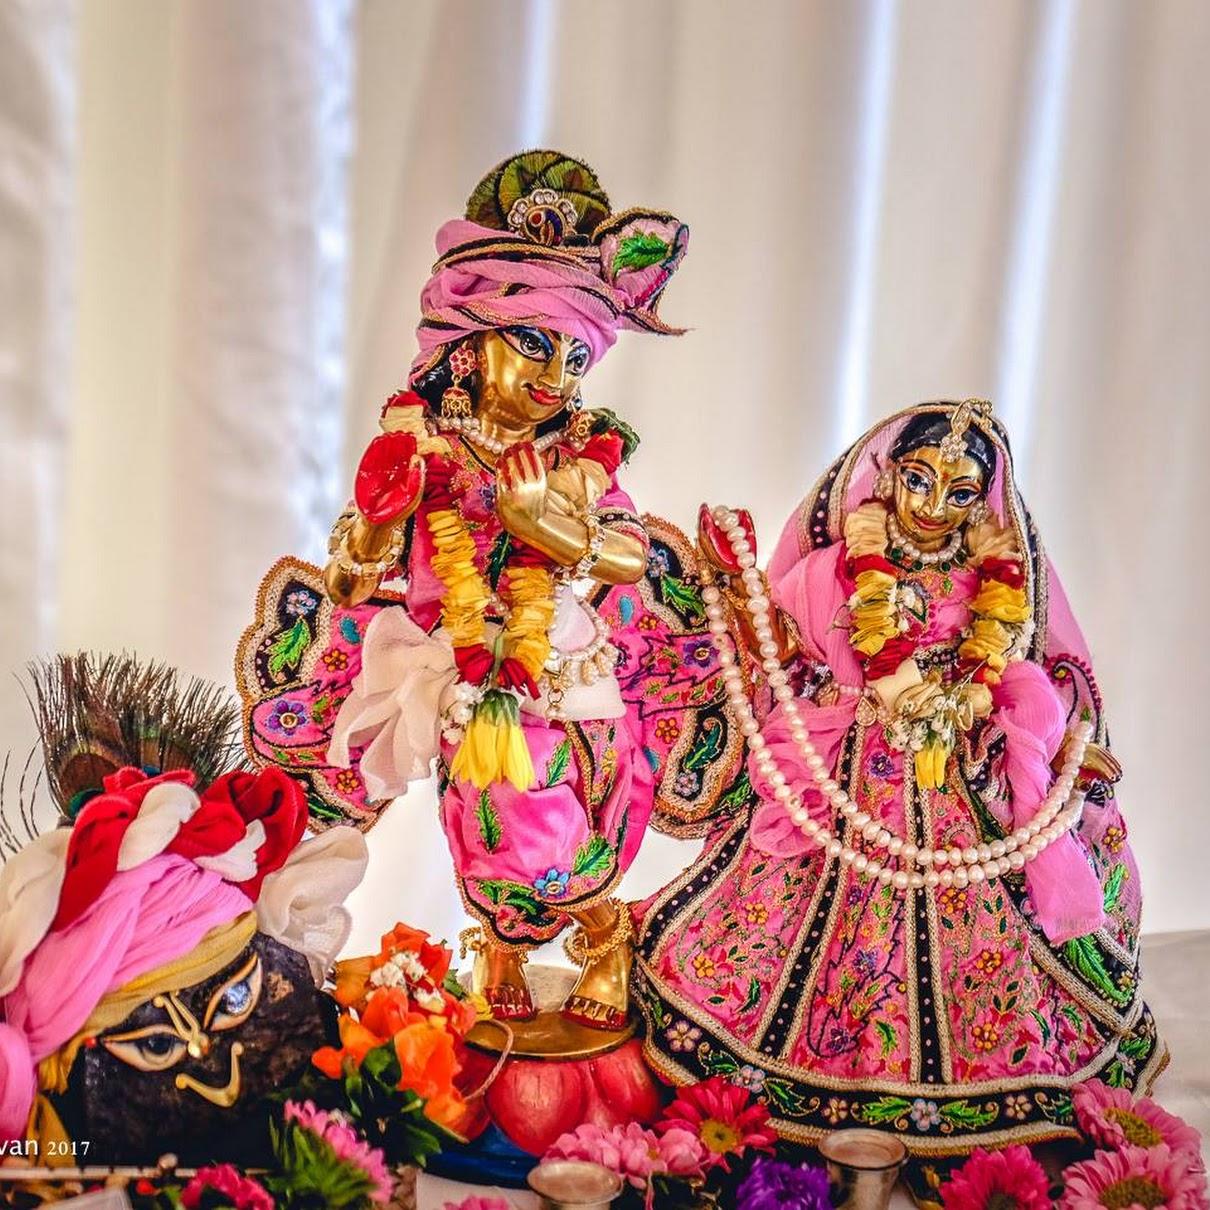 Gurudeva's Deities